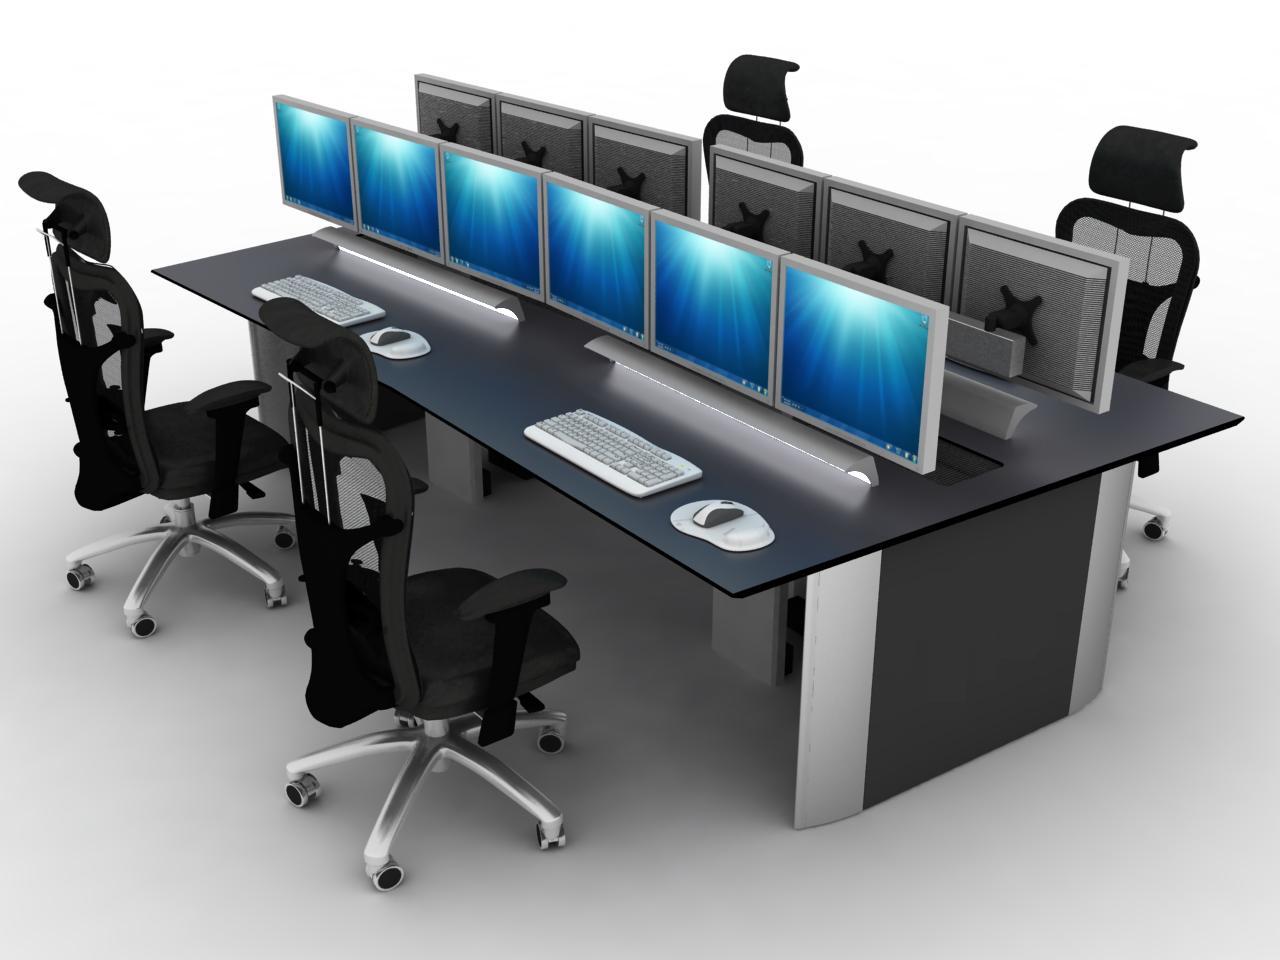 Boraltec mobiliario t cnico boraltec consolas de for Muebles para aulas